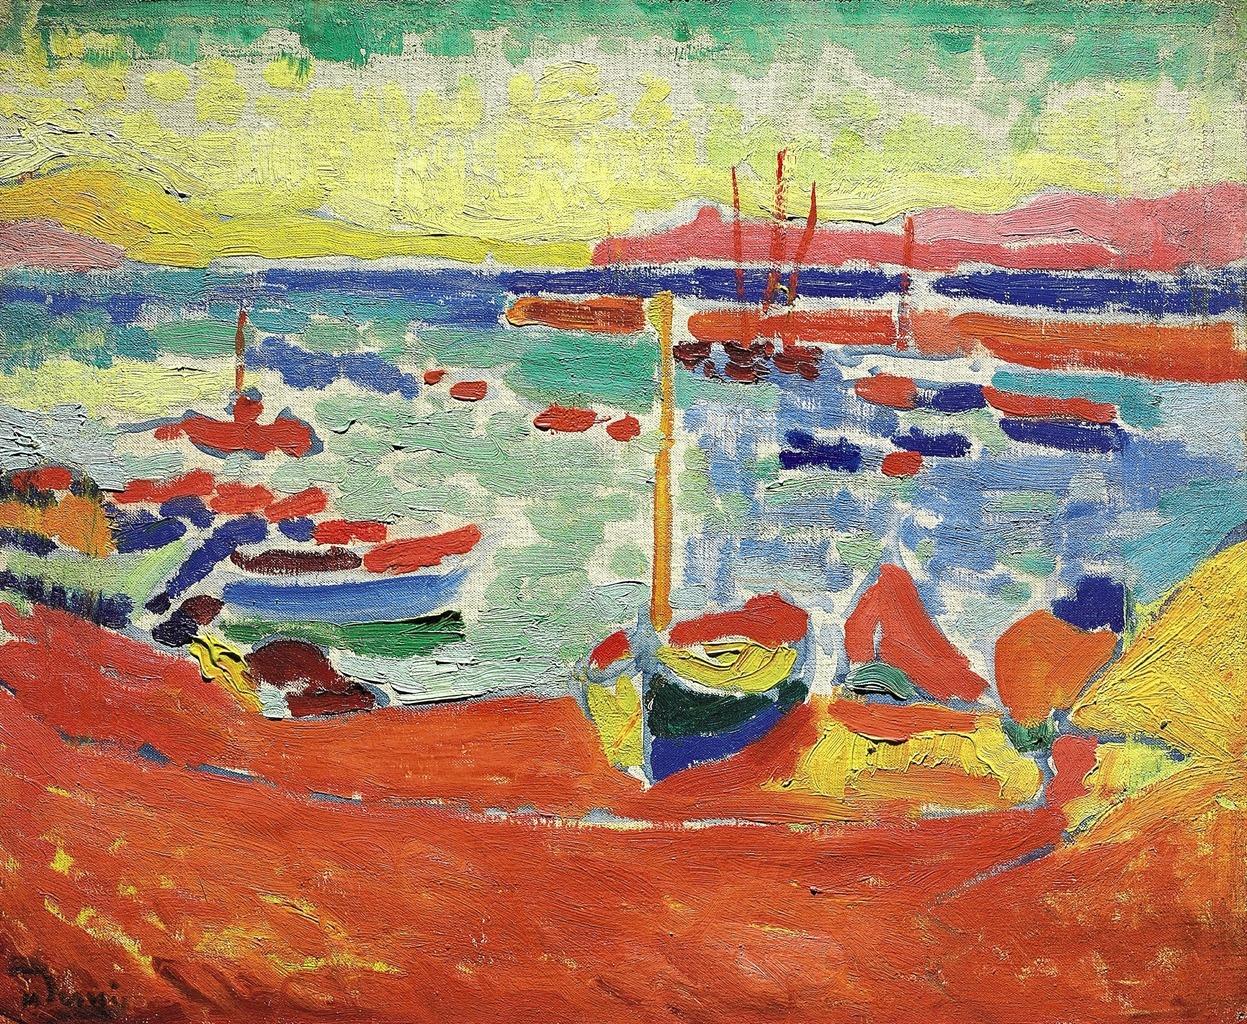 lawrenceleemagnuson:  André Derain (1880-1954) Bateaux à Collioure (1905)oil on canvas 38.4 x 46 cm